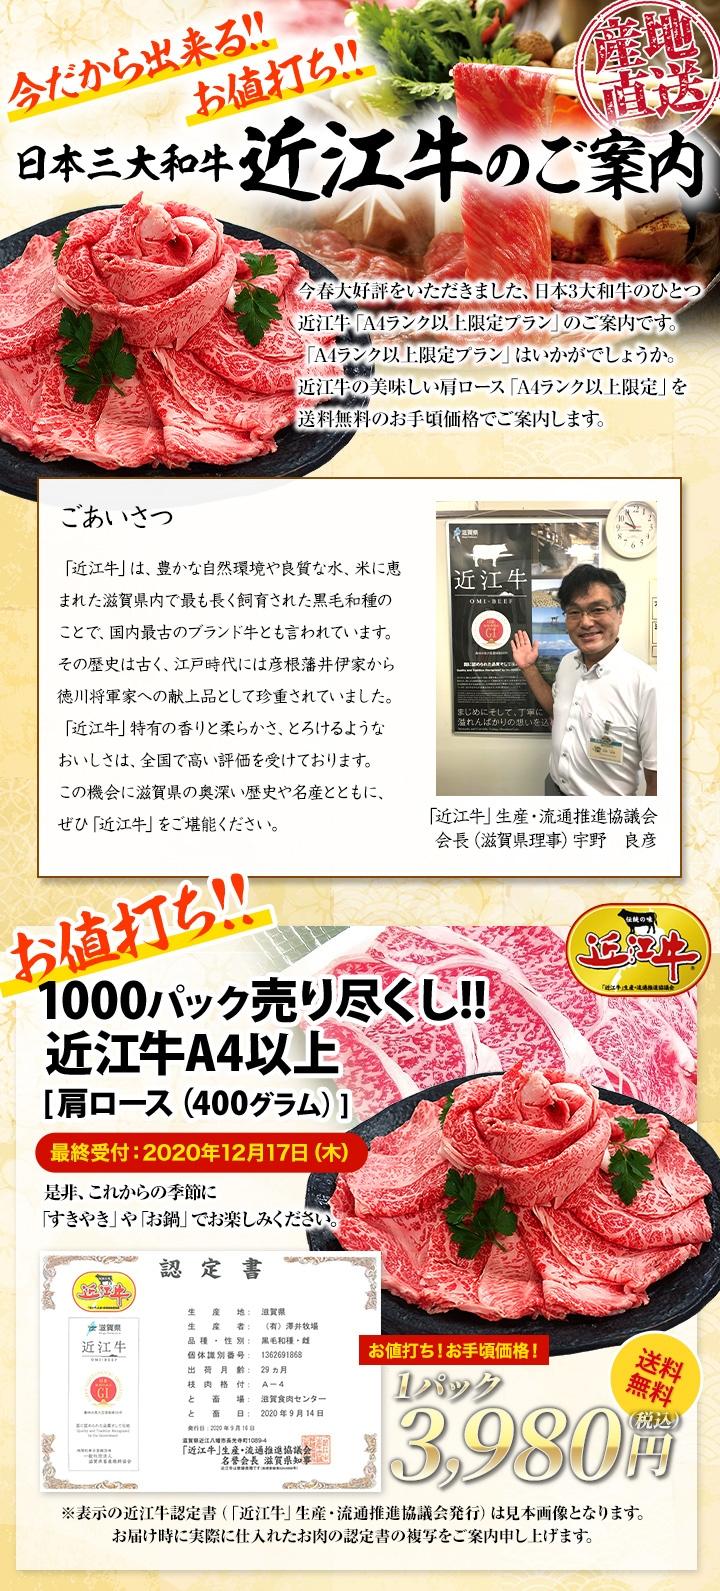 【お値打ち】近江牛A4以上400グラム3,980円送料込み500パック売り尽くし